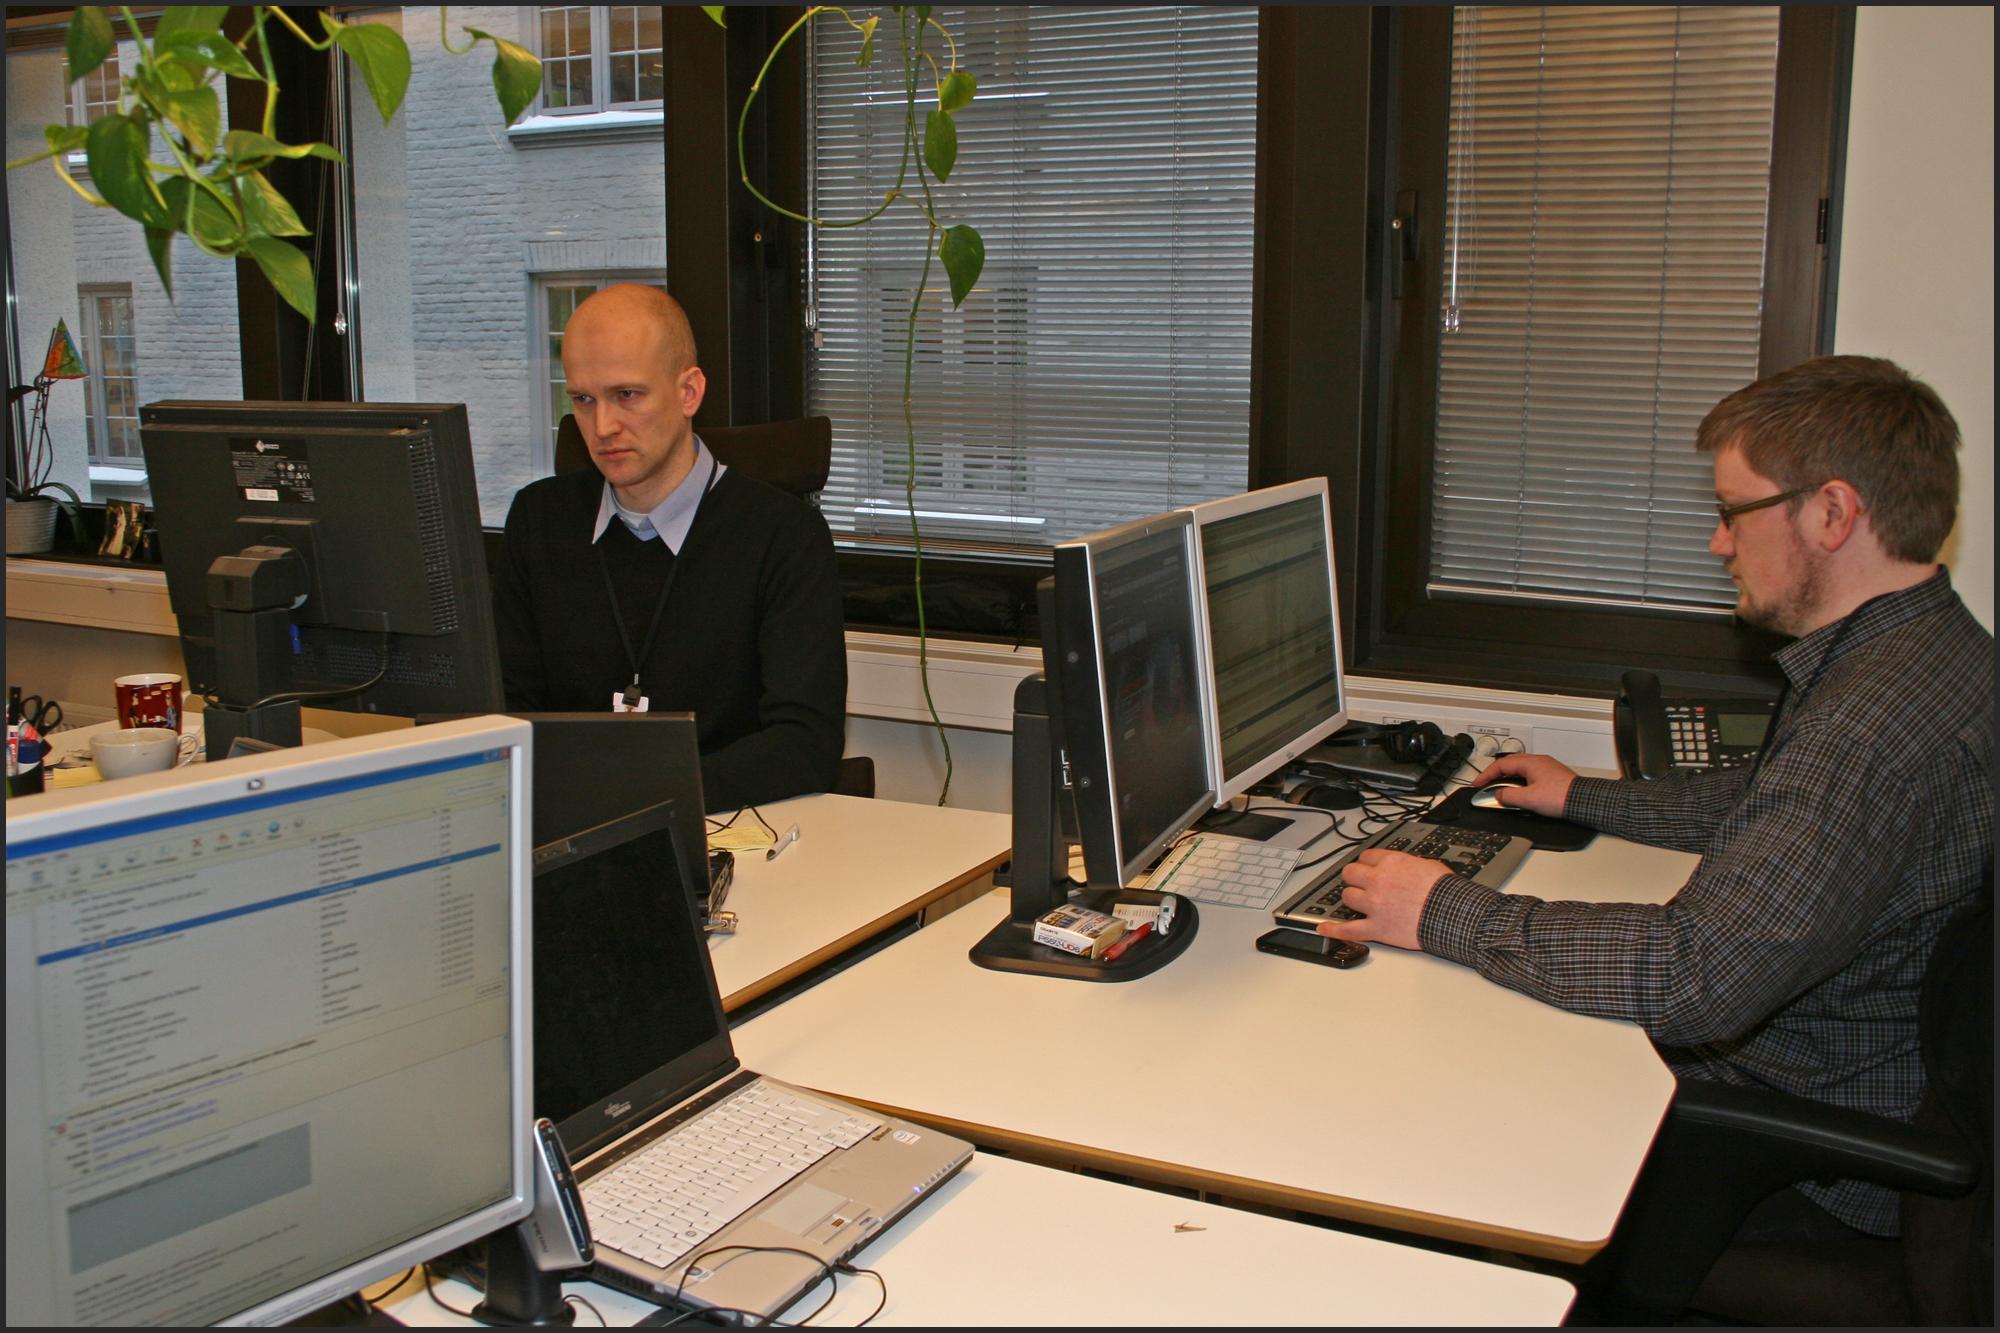 Fagredaktør Rolf B. Wegner til venstre, testansvarlig Knut Paulsen til høyre